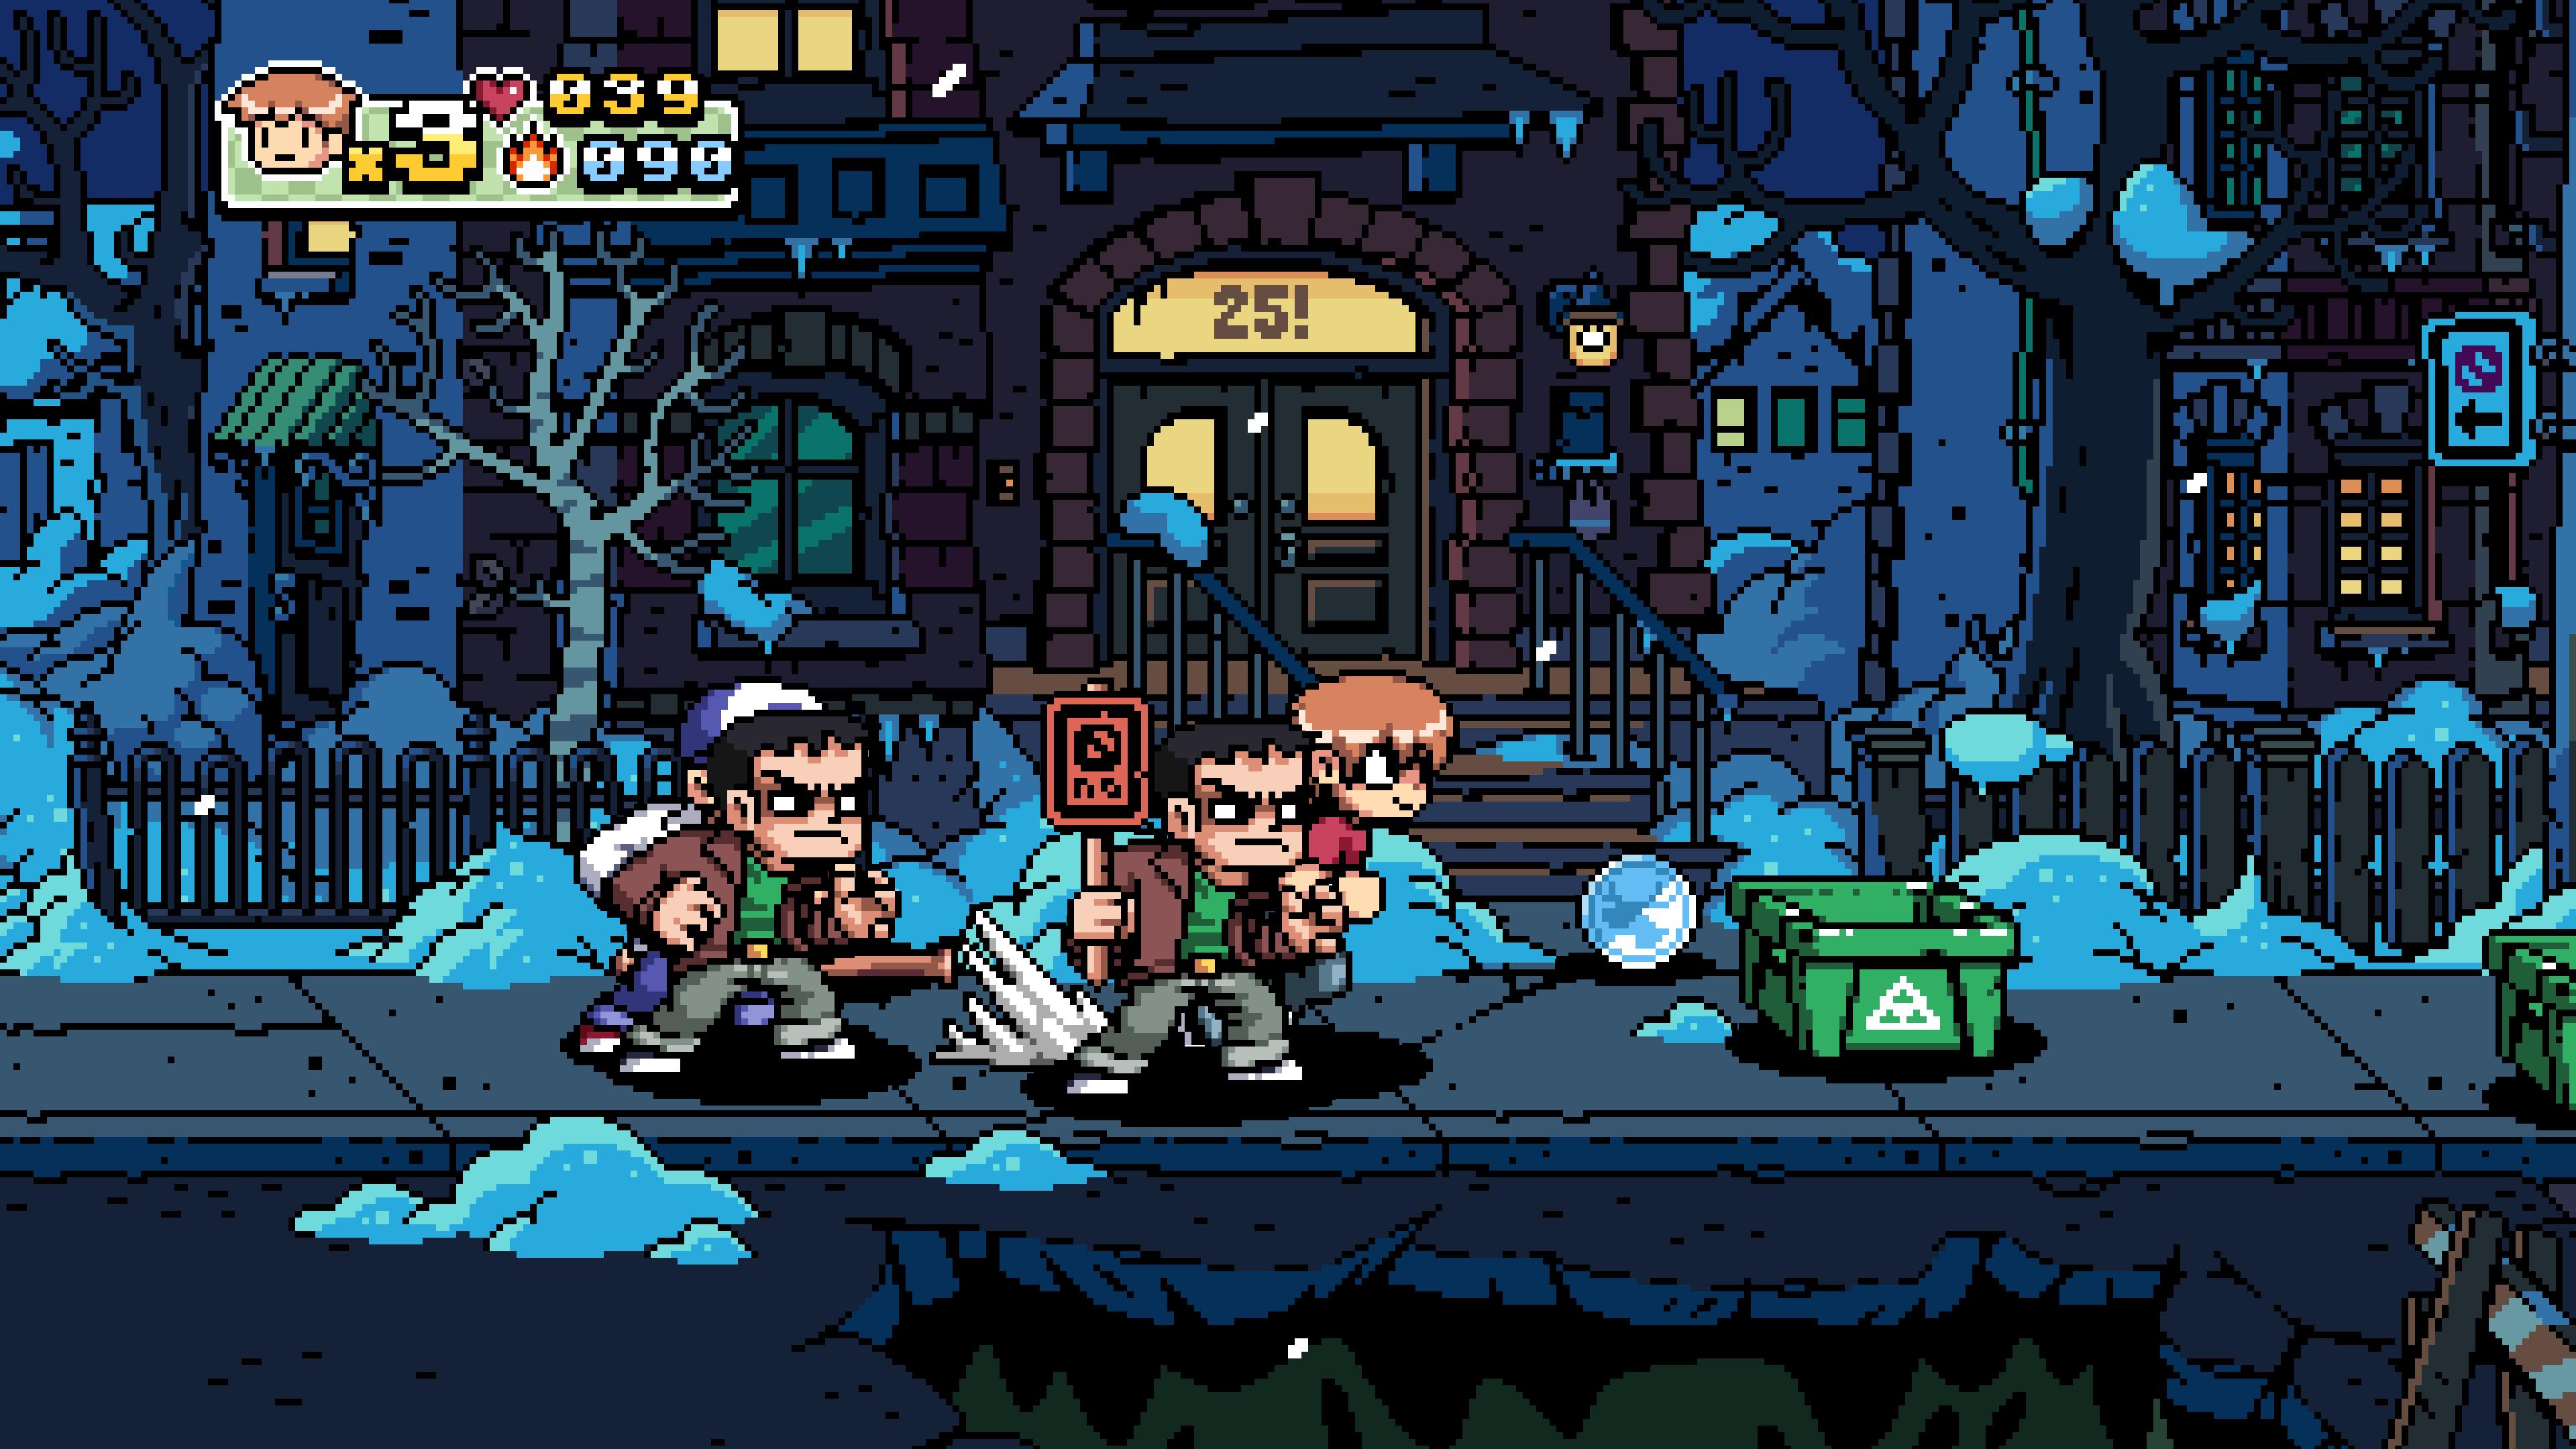 Le jeu est fortement inspiré des classiques du jeu de combat, en particulier River City Ransom